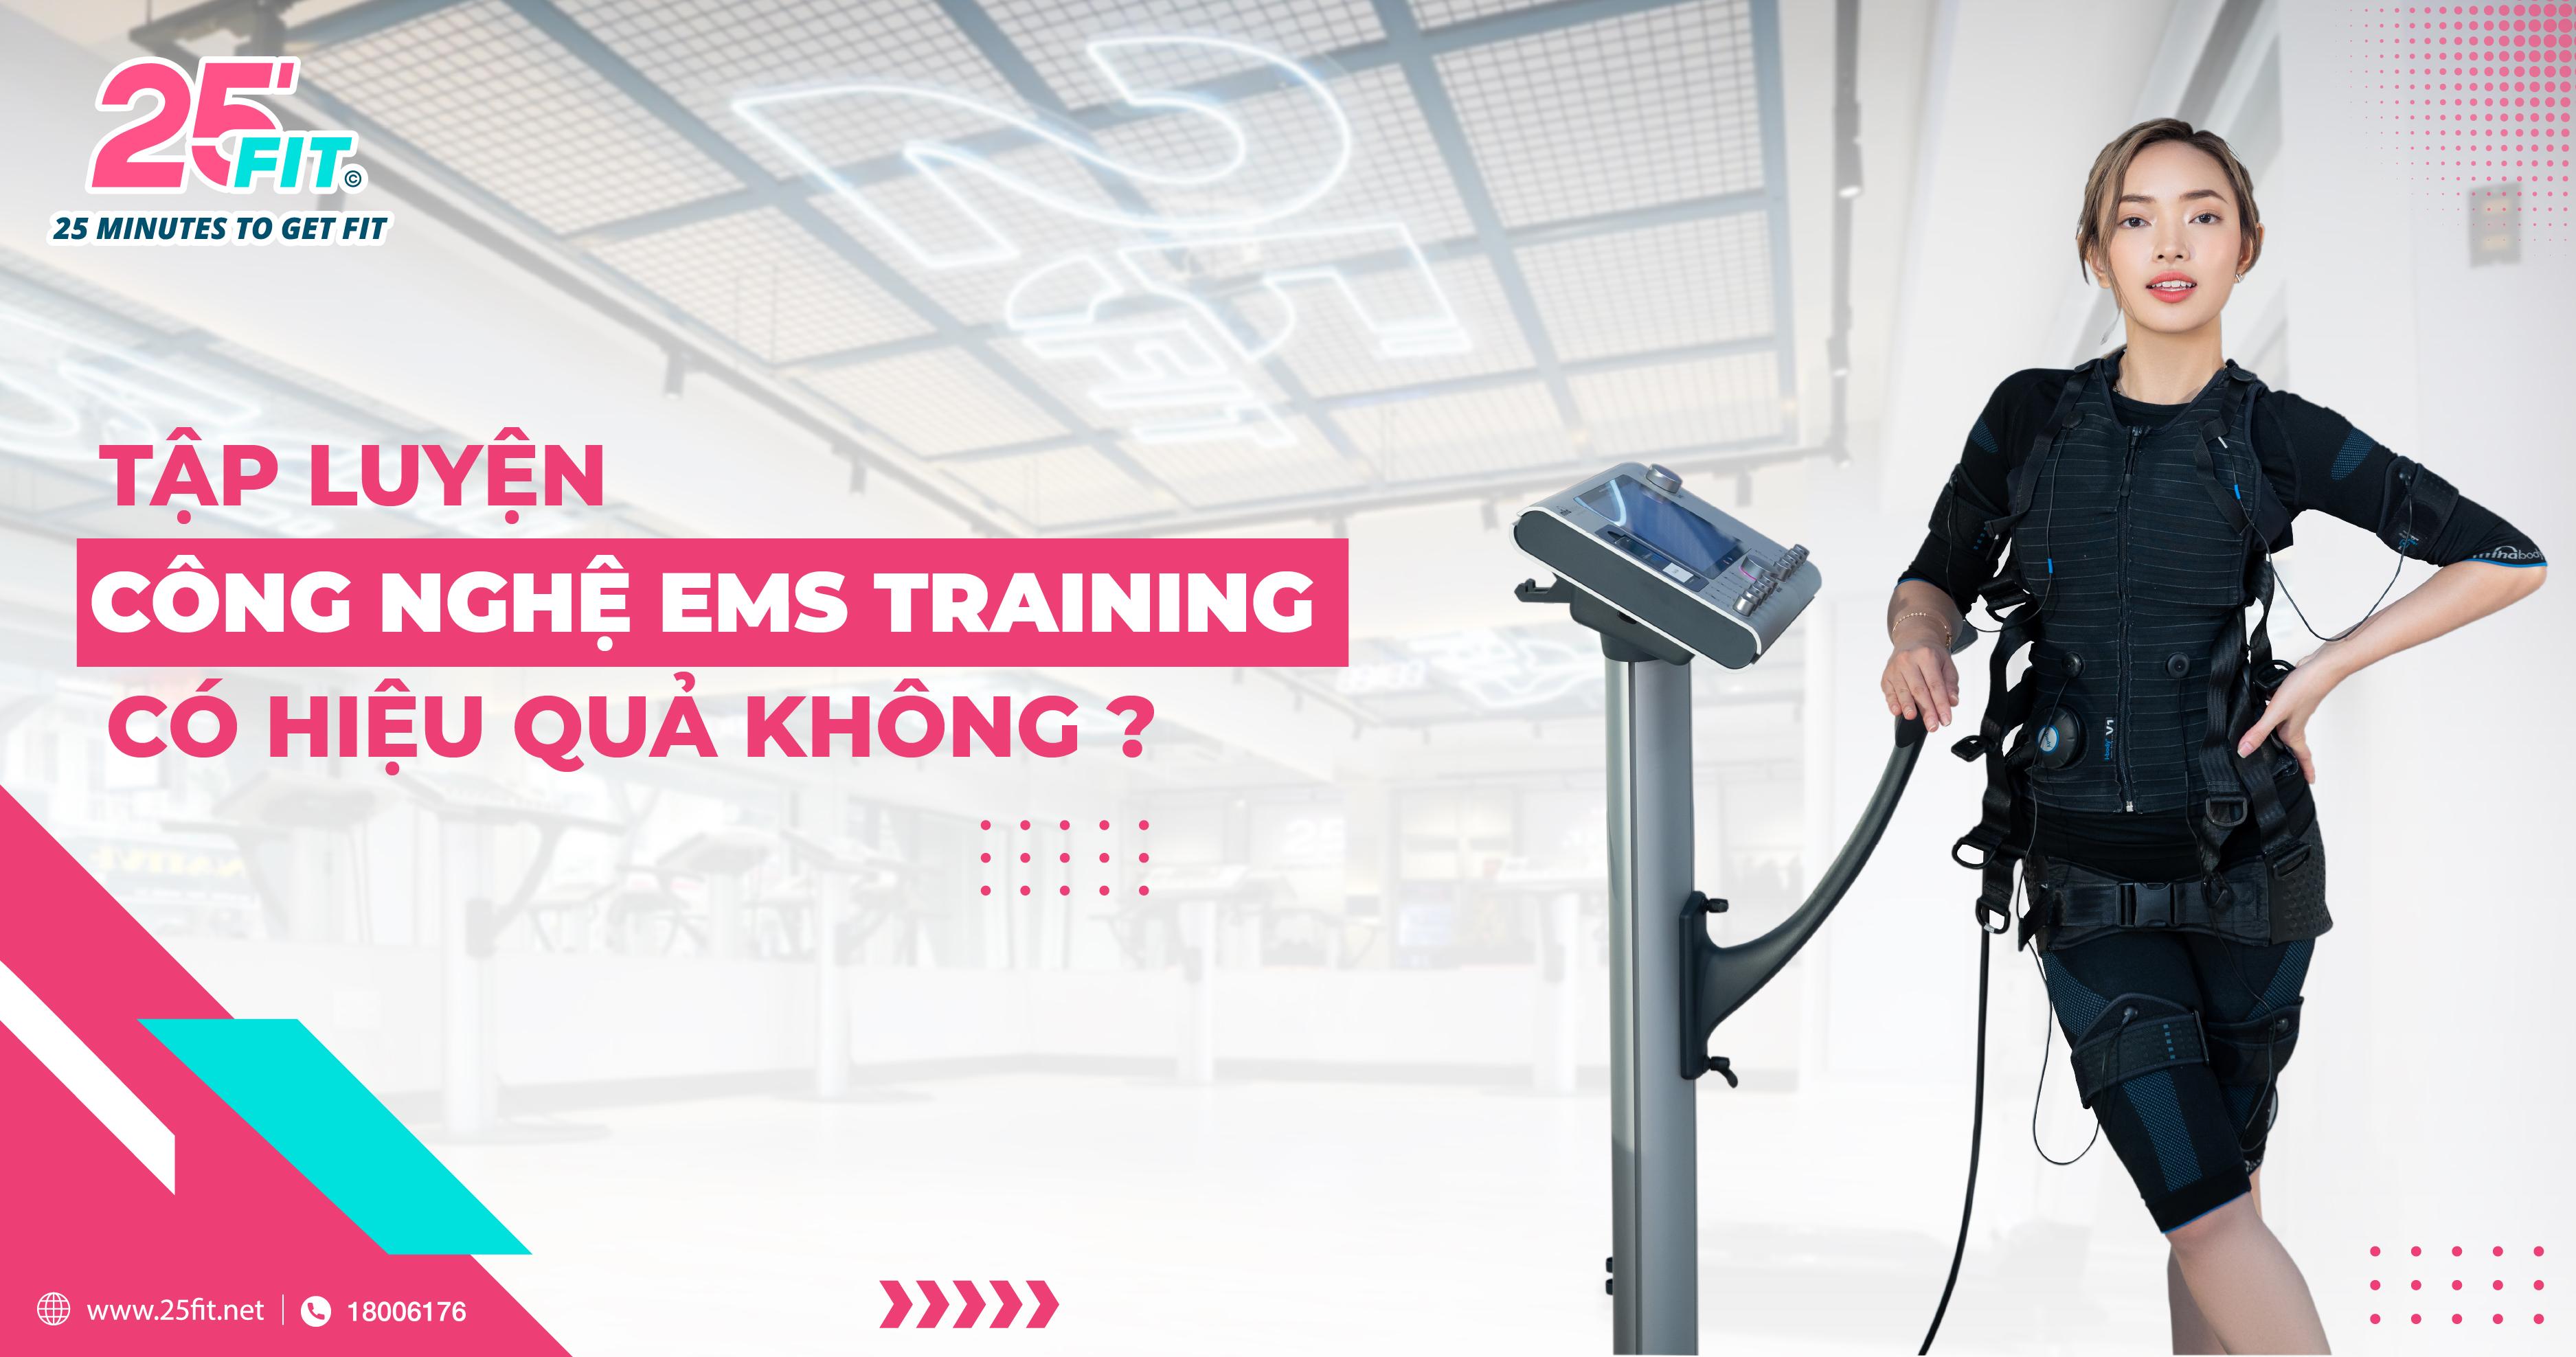 Tập luyện công nghệ EMS Training có hiệu quả không?